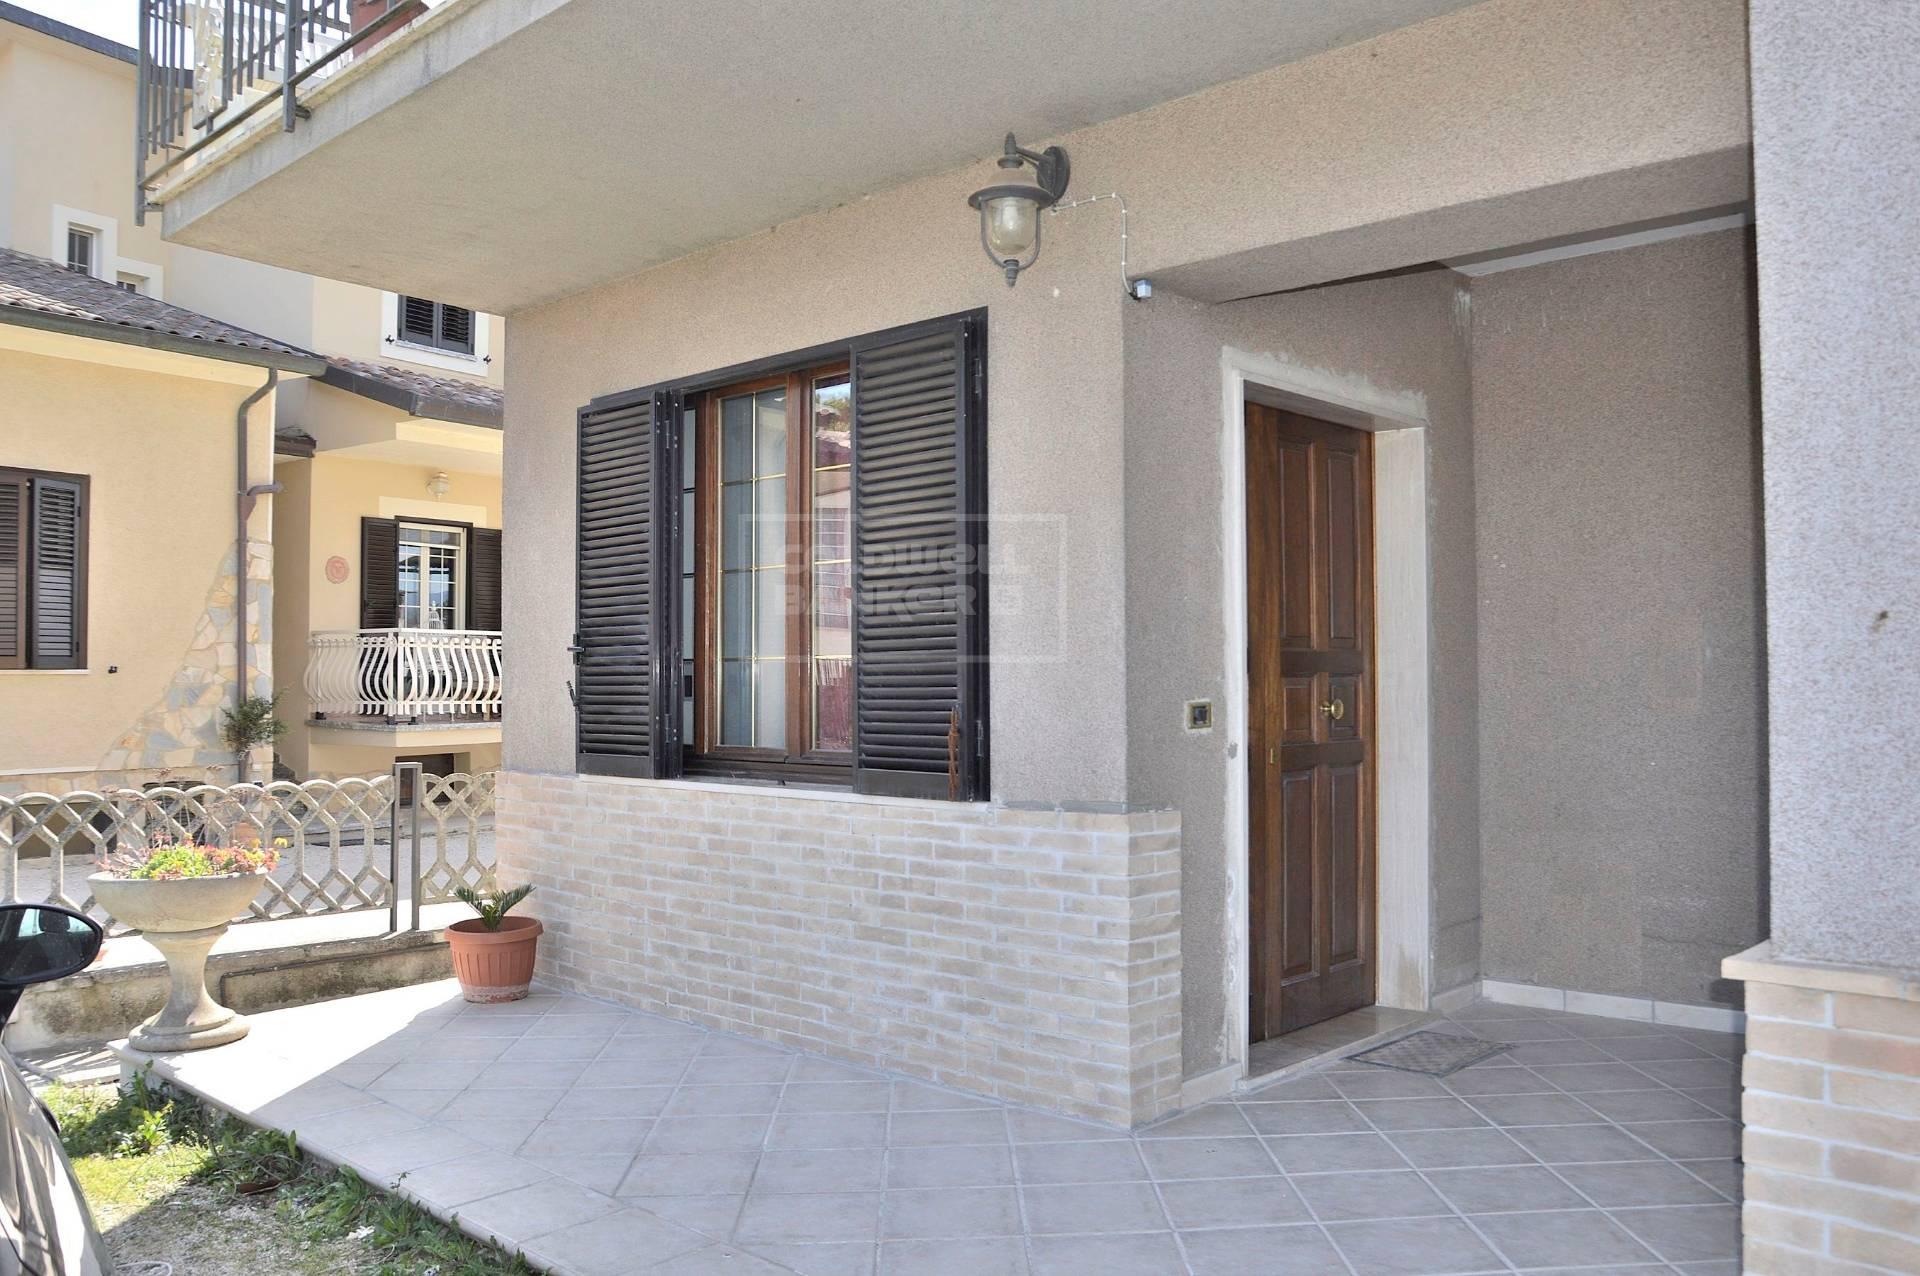 Appartamento in vendita a Trevi, 5 locali, zona Zona: Cannaiola, prezzo € 155.000   CambioCasa.it